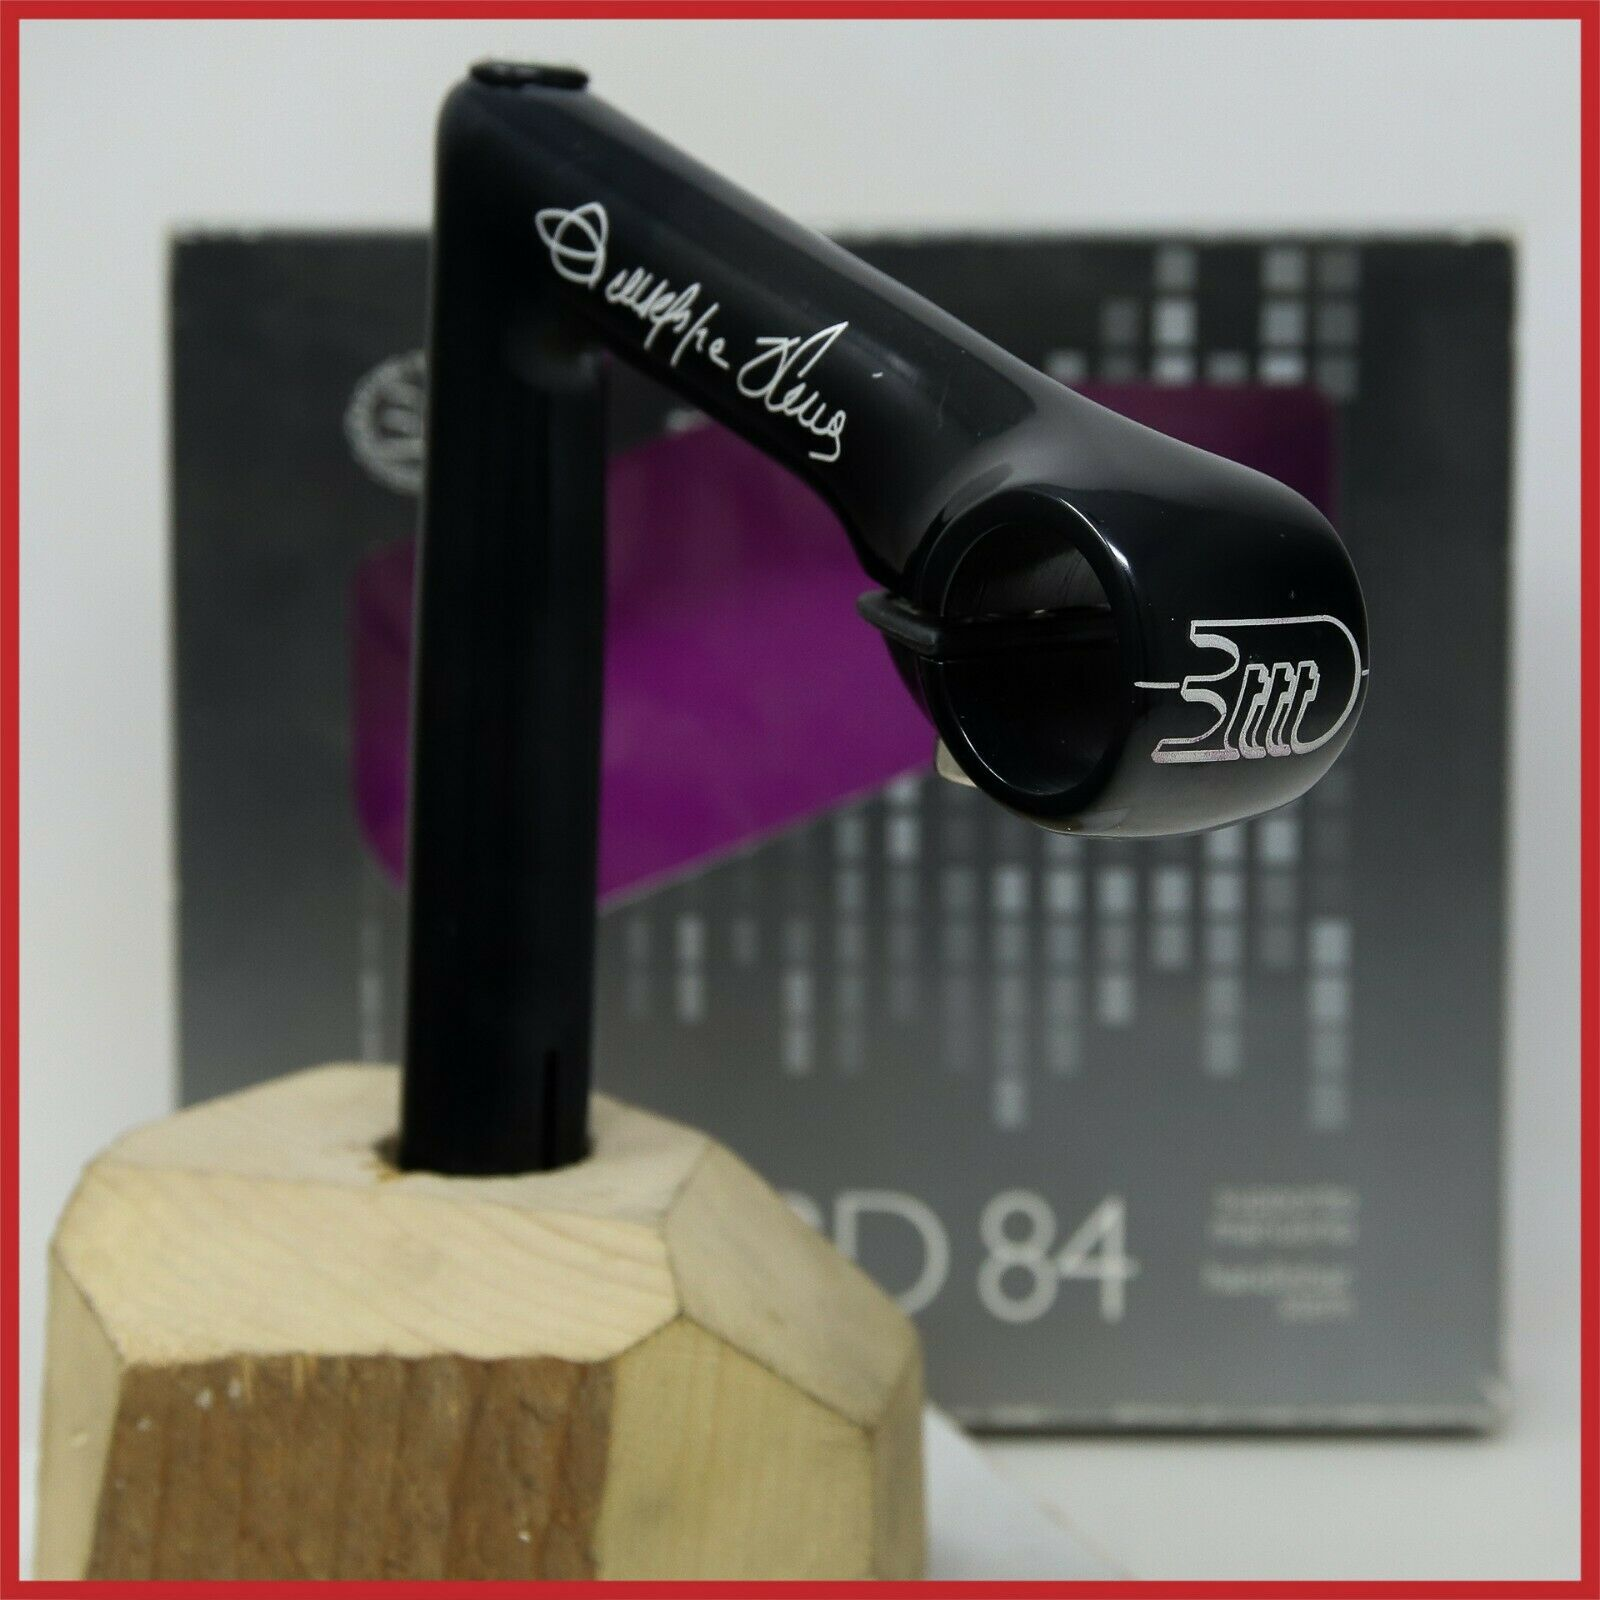 NOS 3TTT RECORD 84 OLMO QUILL STEM 115mm 1  22.2mm LEADER INCH VINTAGE SINTEX 80